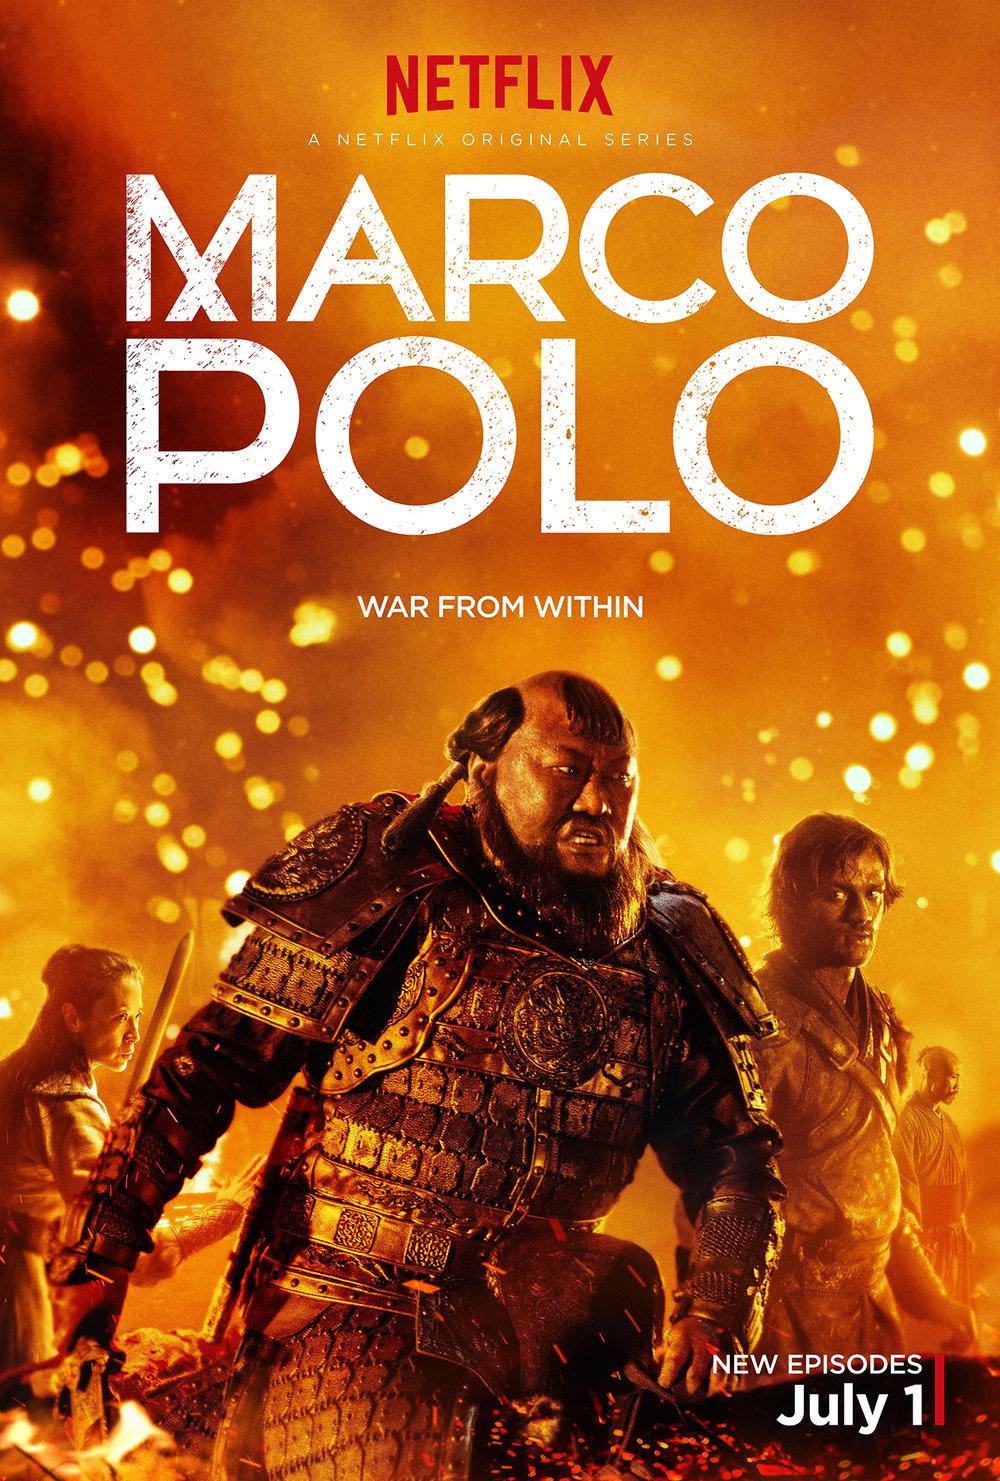 MarcoPoloS2_1Sht_Action_100dpi.jpg